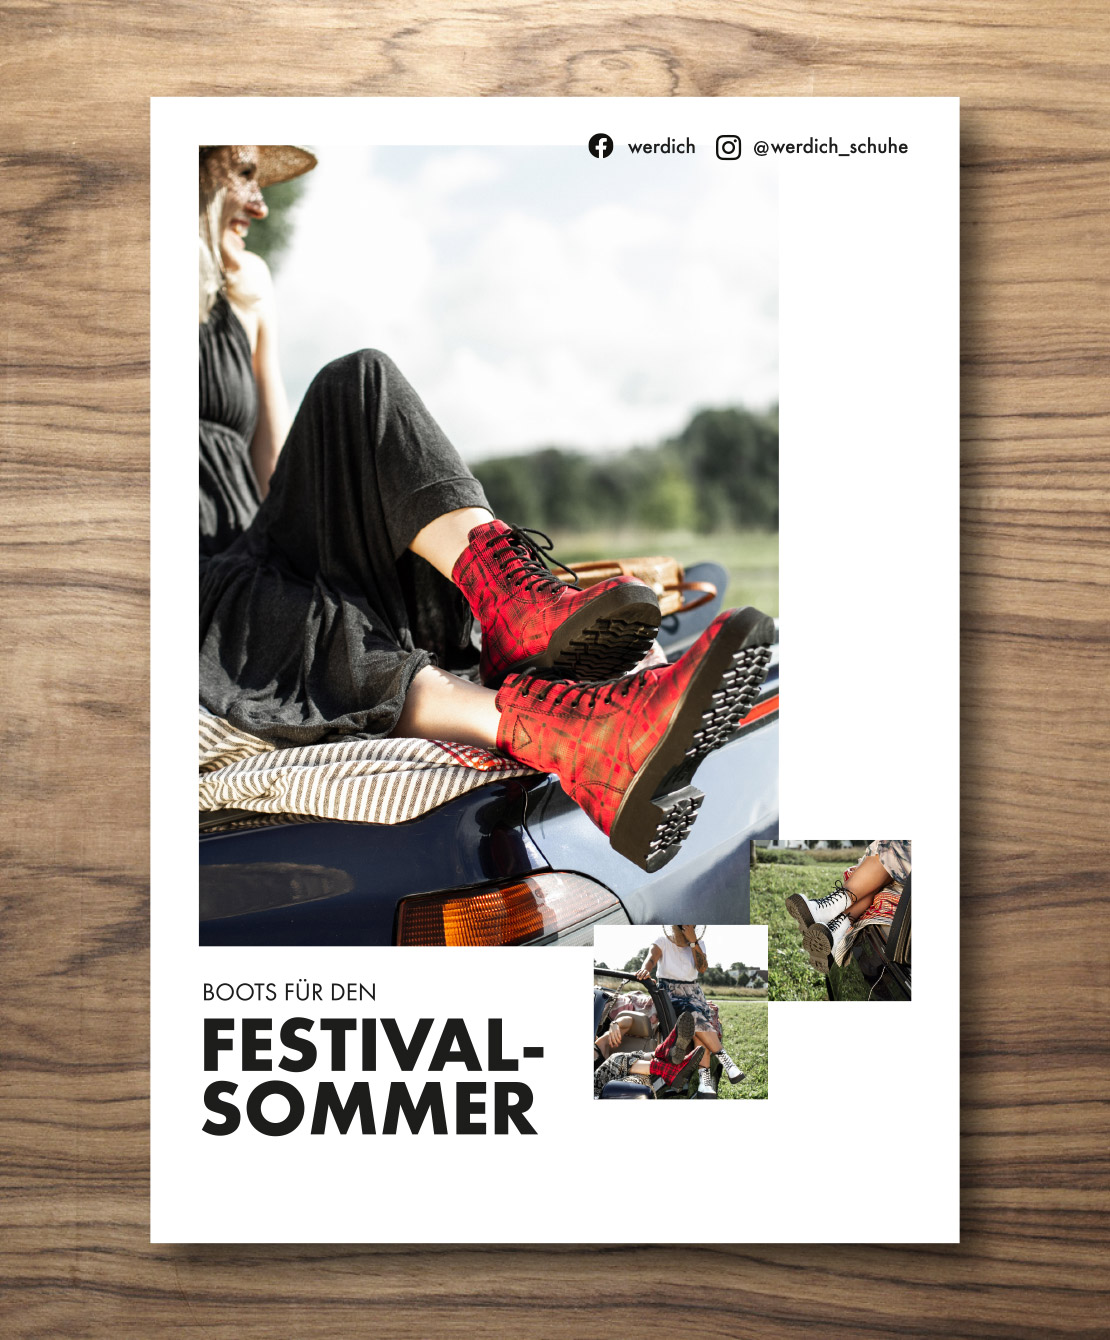 Werdich Festival Sommer